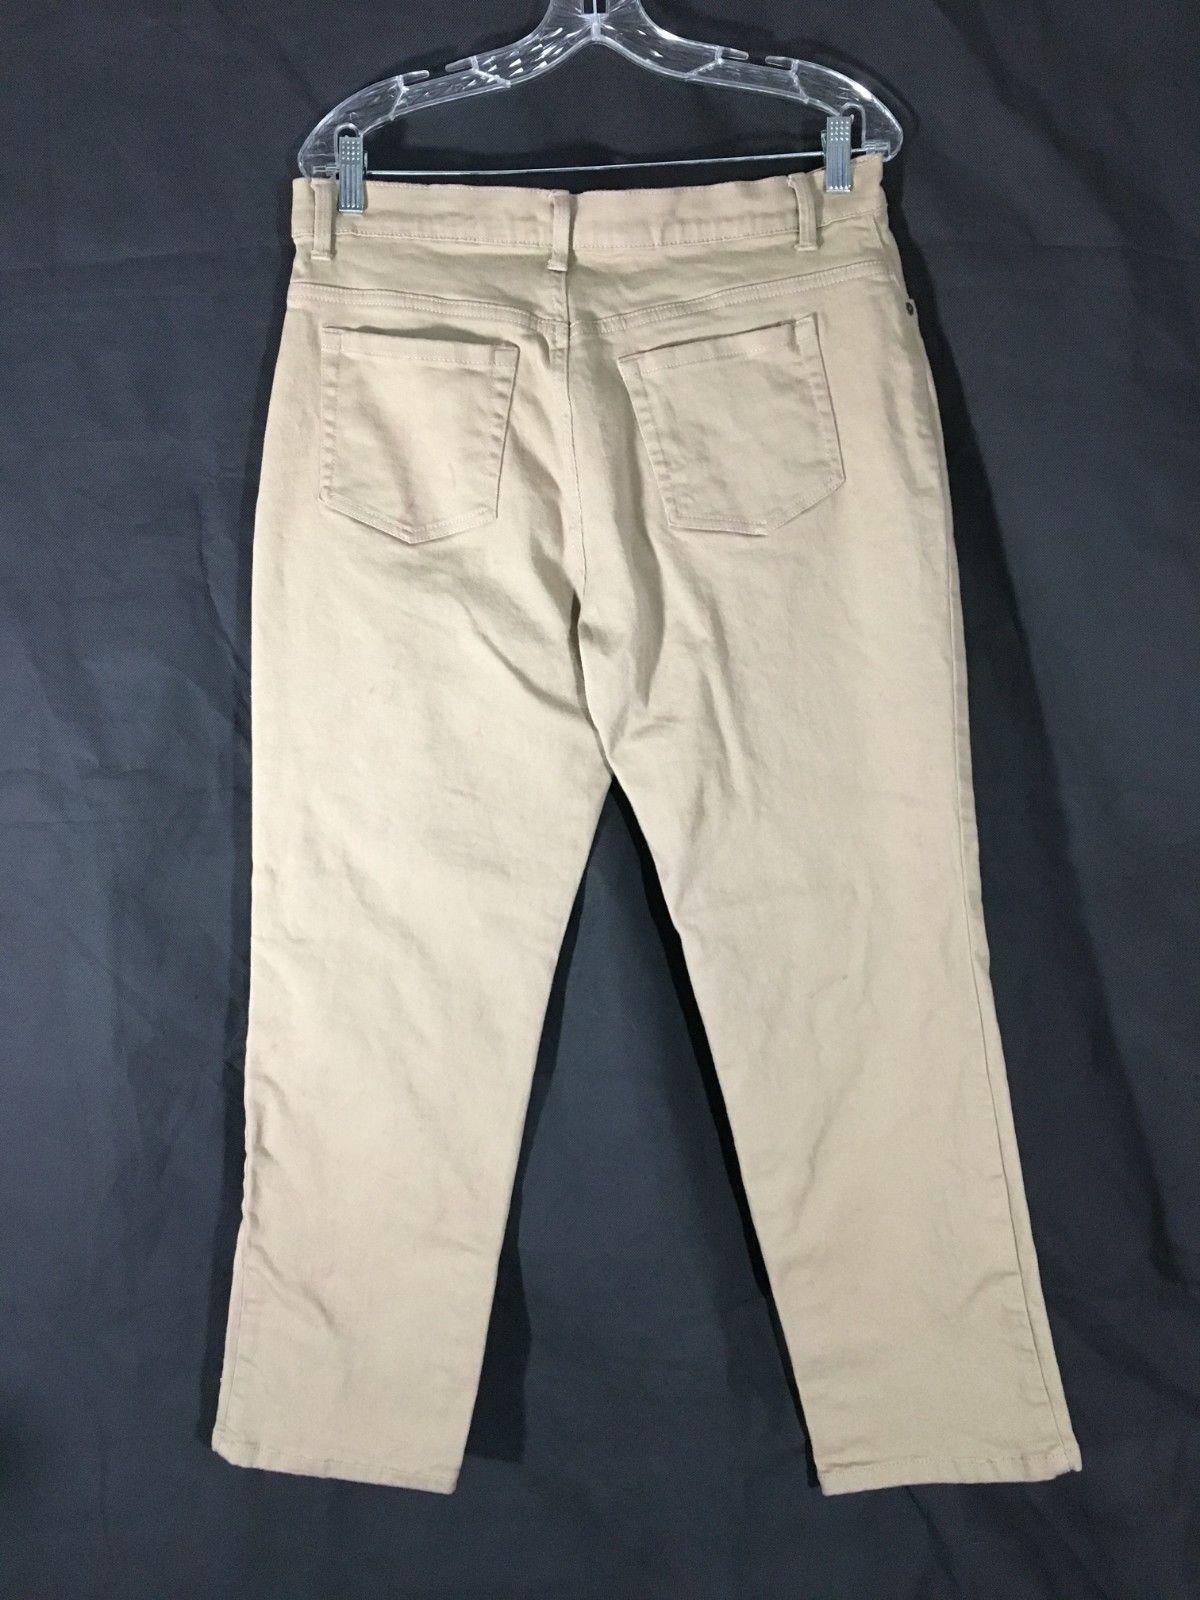 Women's Beige Jeans Gloria Vanderbilt Amanda Missy Size 14 Short